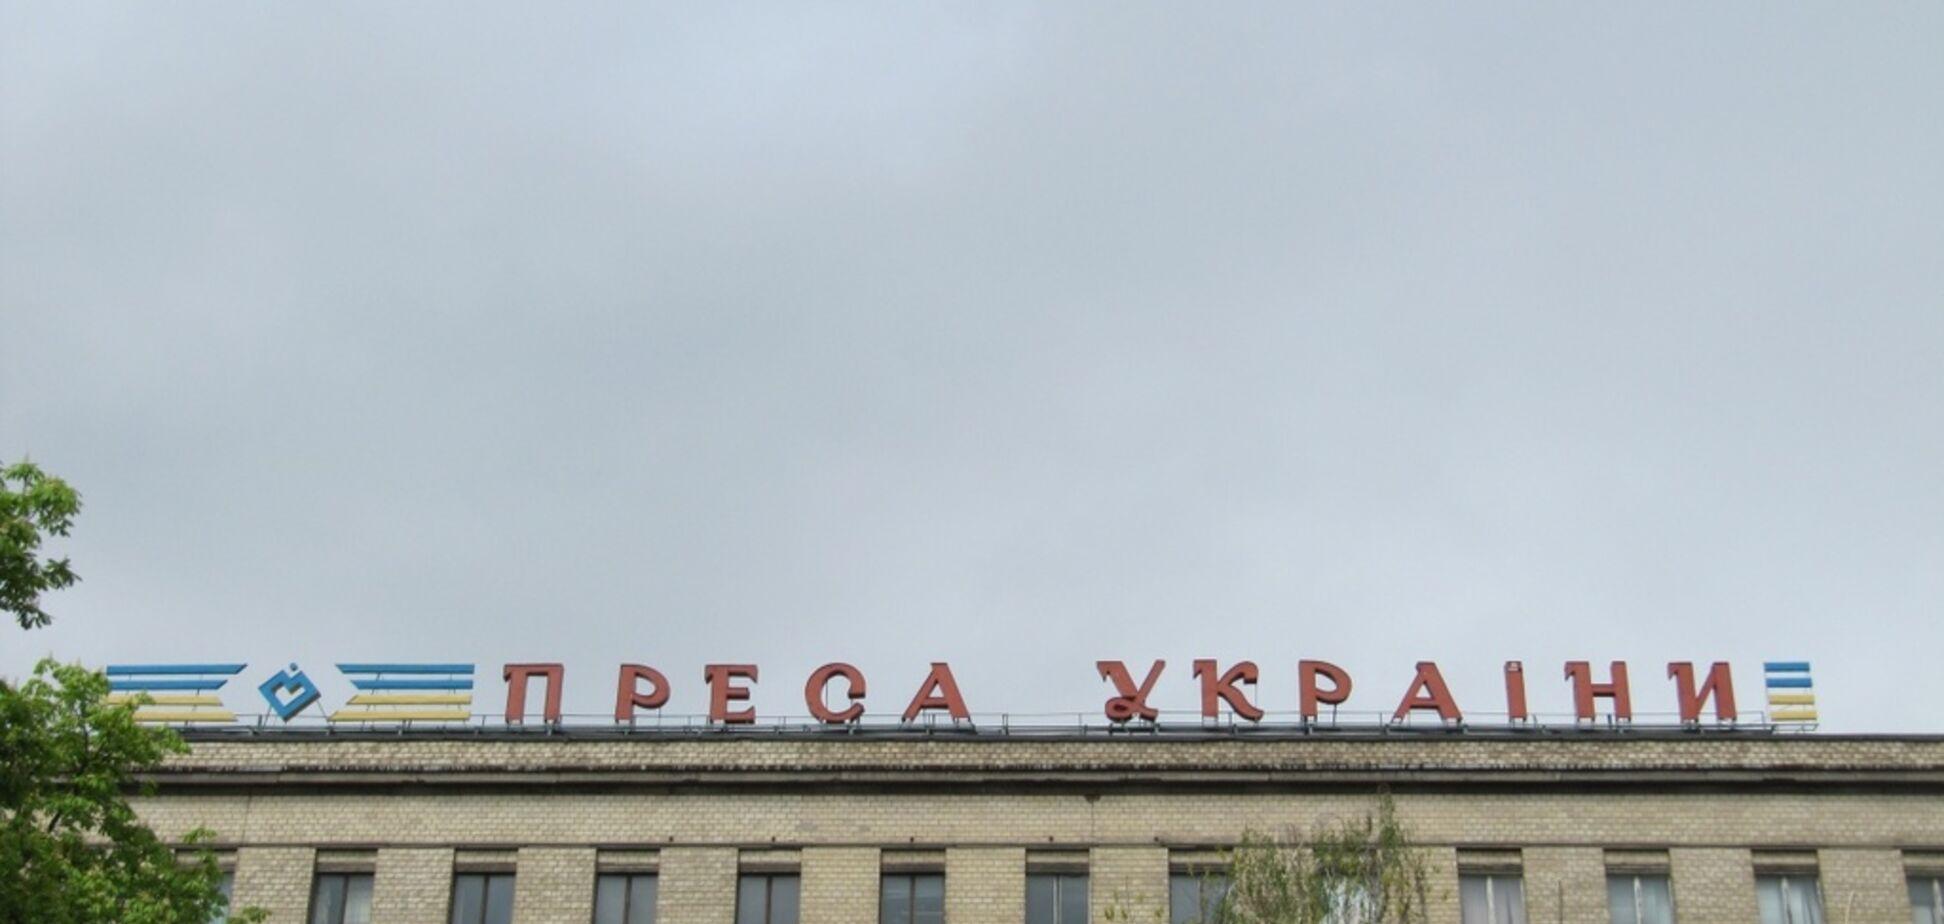 Госуправление делами подарило застройщикам участок в Киеве за 1 млрд грн